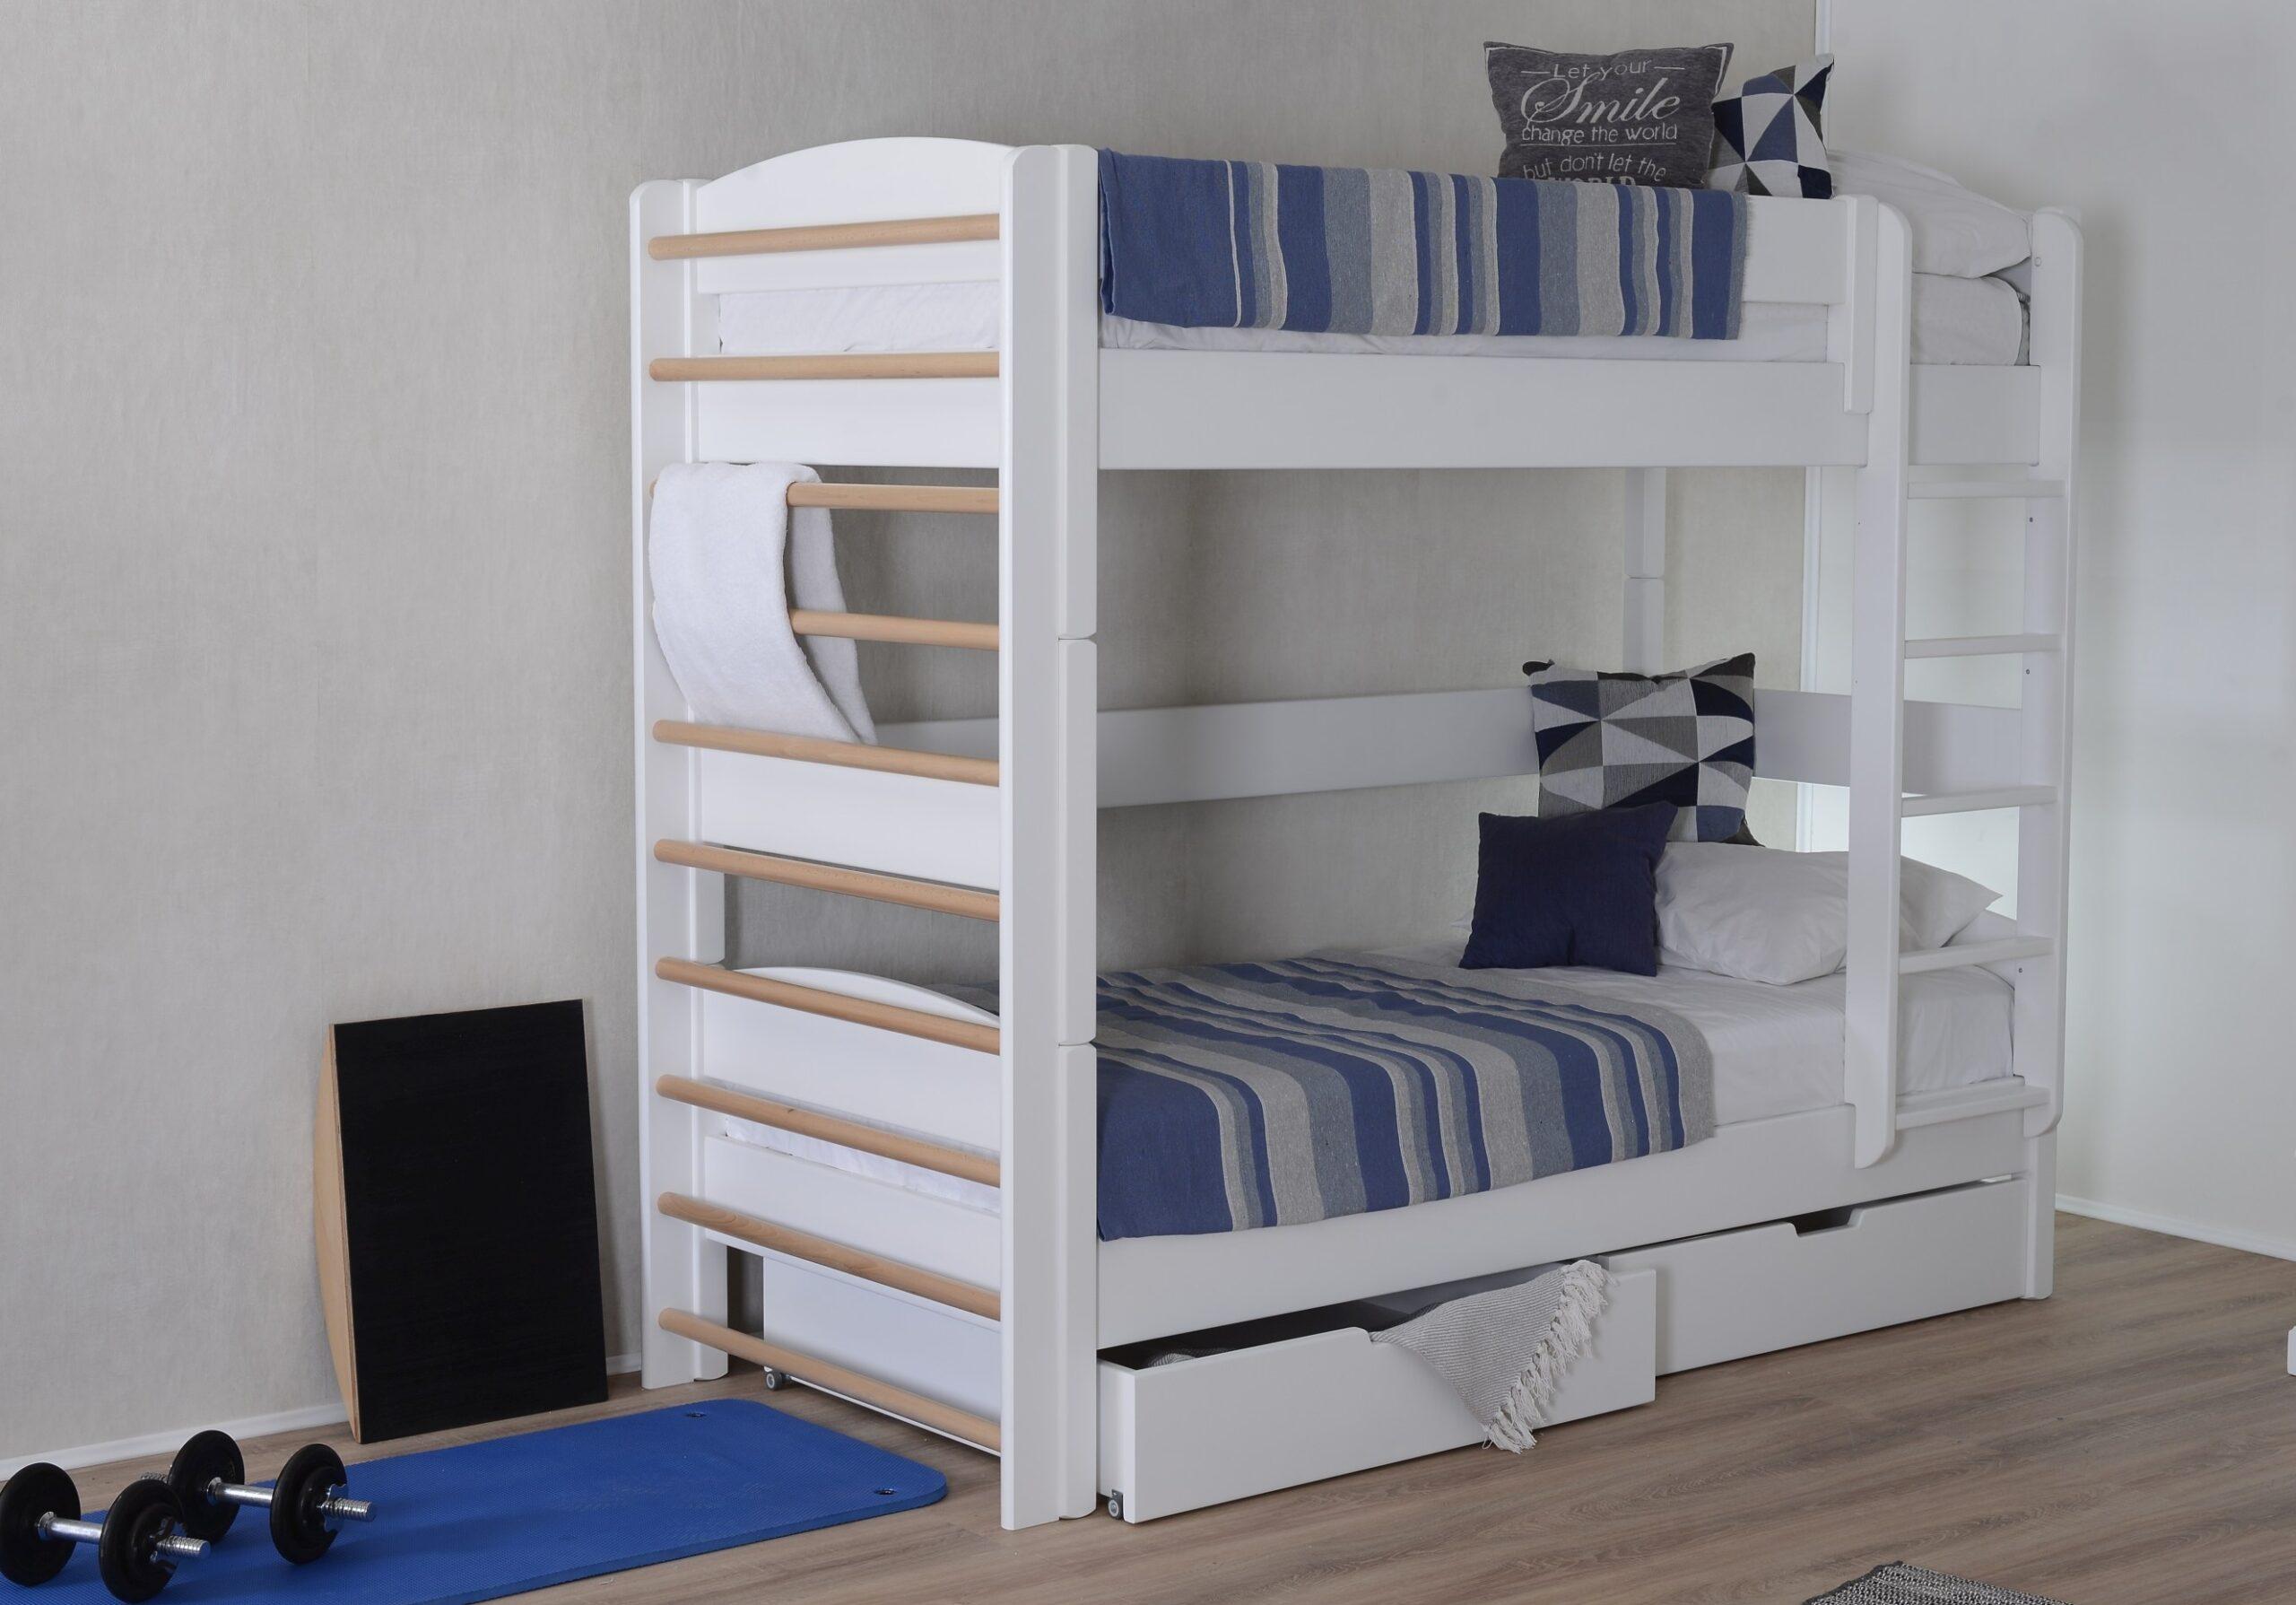 Full Size of Landhaus Etagenbett Mit Sprossenwand Regale Kinderzimmer Regal Weiß Sofa Kinderzimmer Sprossenwand Kinderzimmer